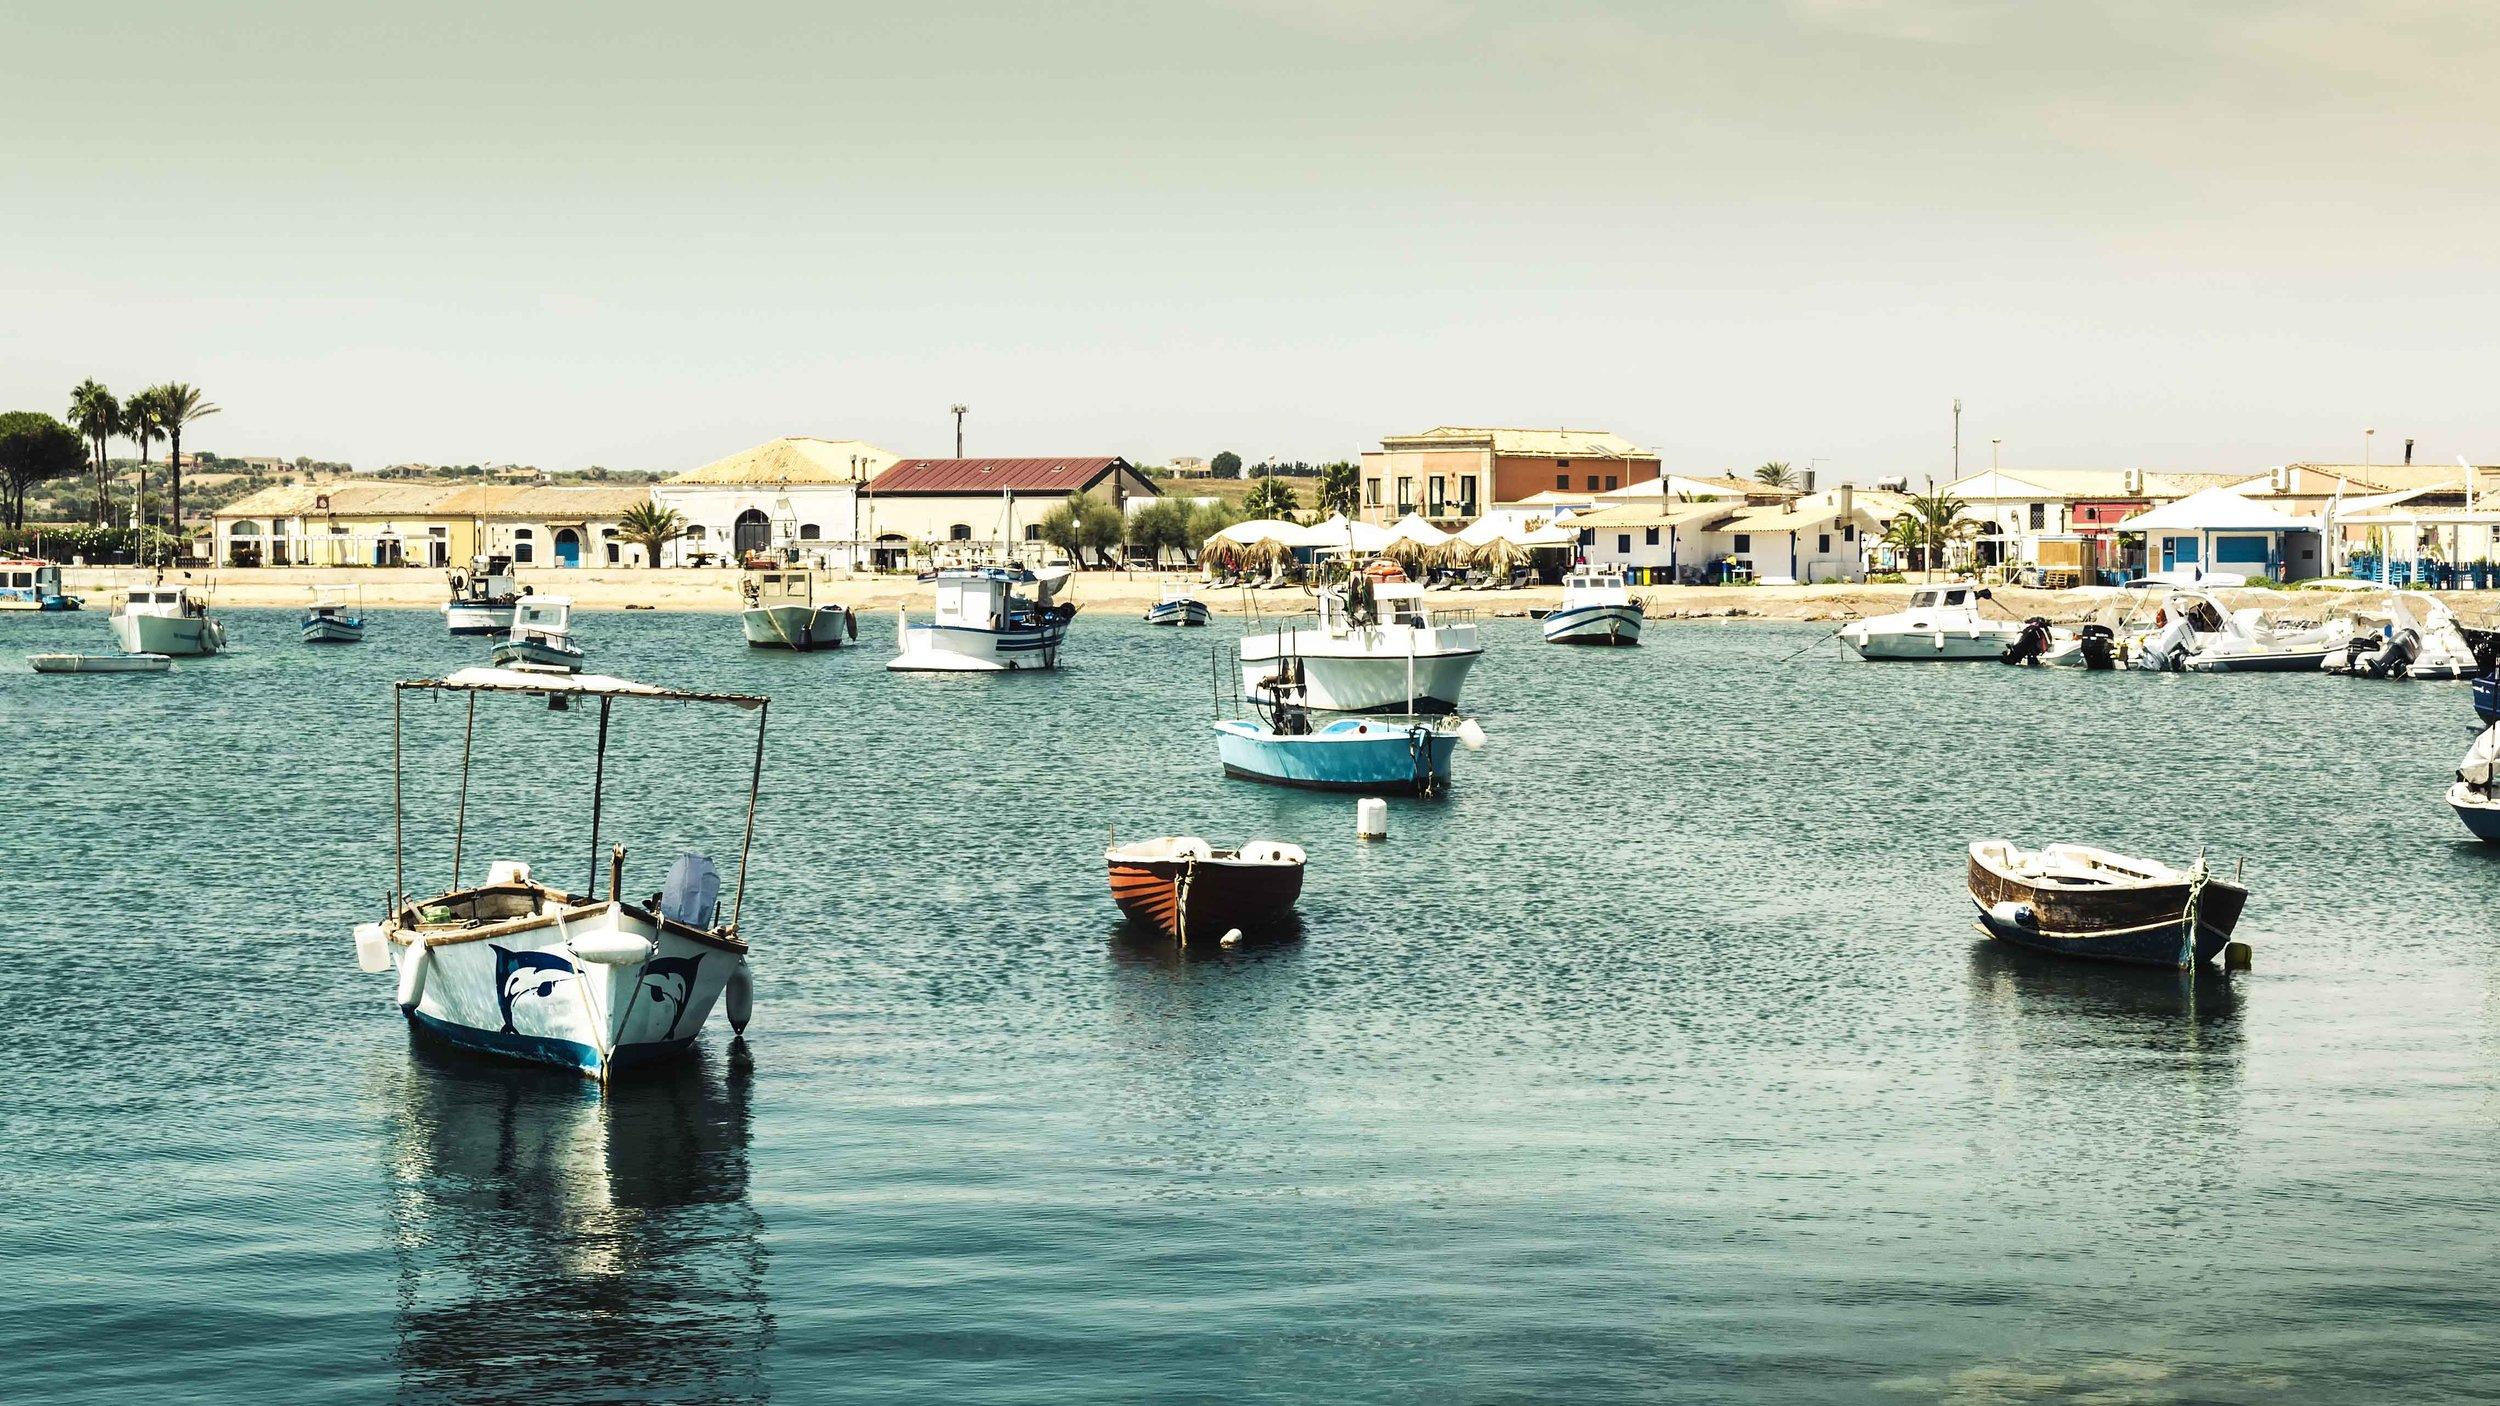 Pesca-Sicilia---Rybari-Sicilie.jpg